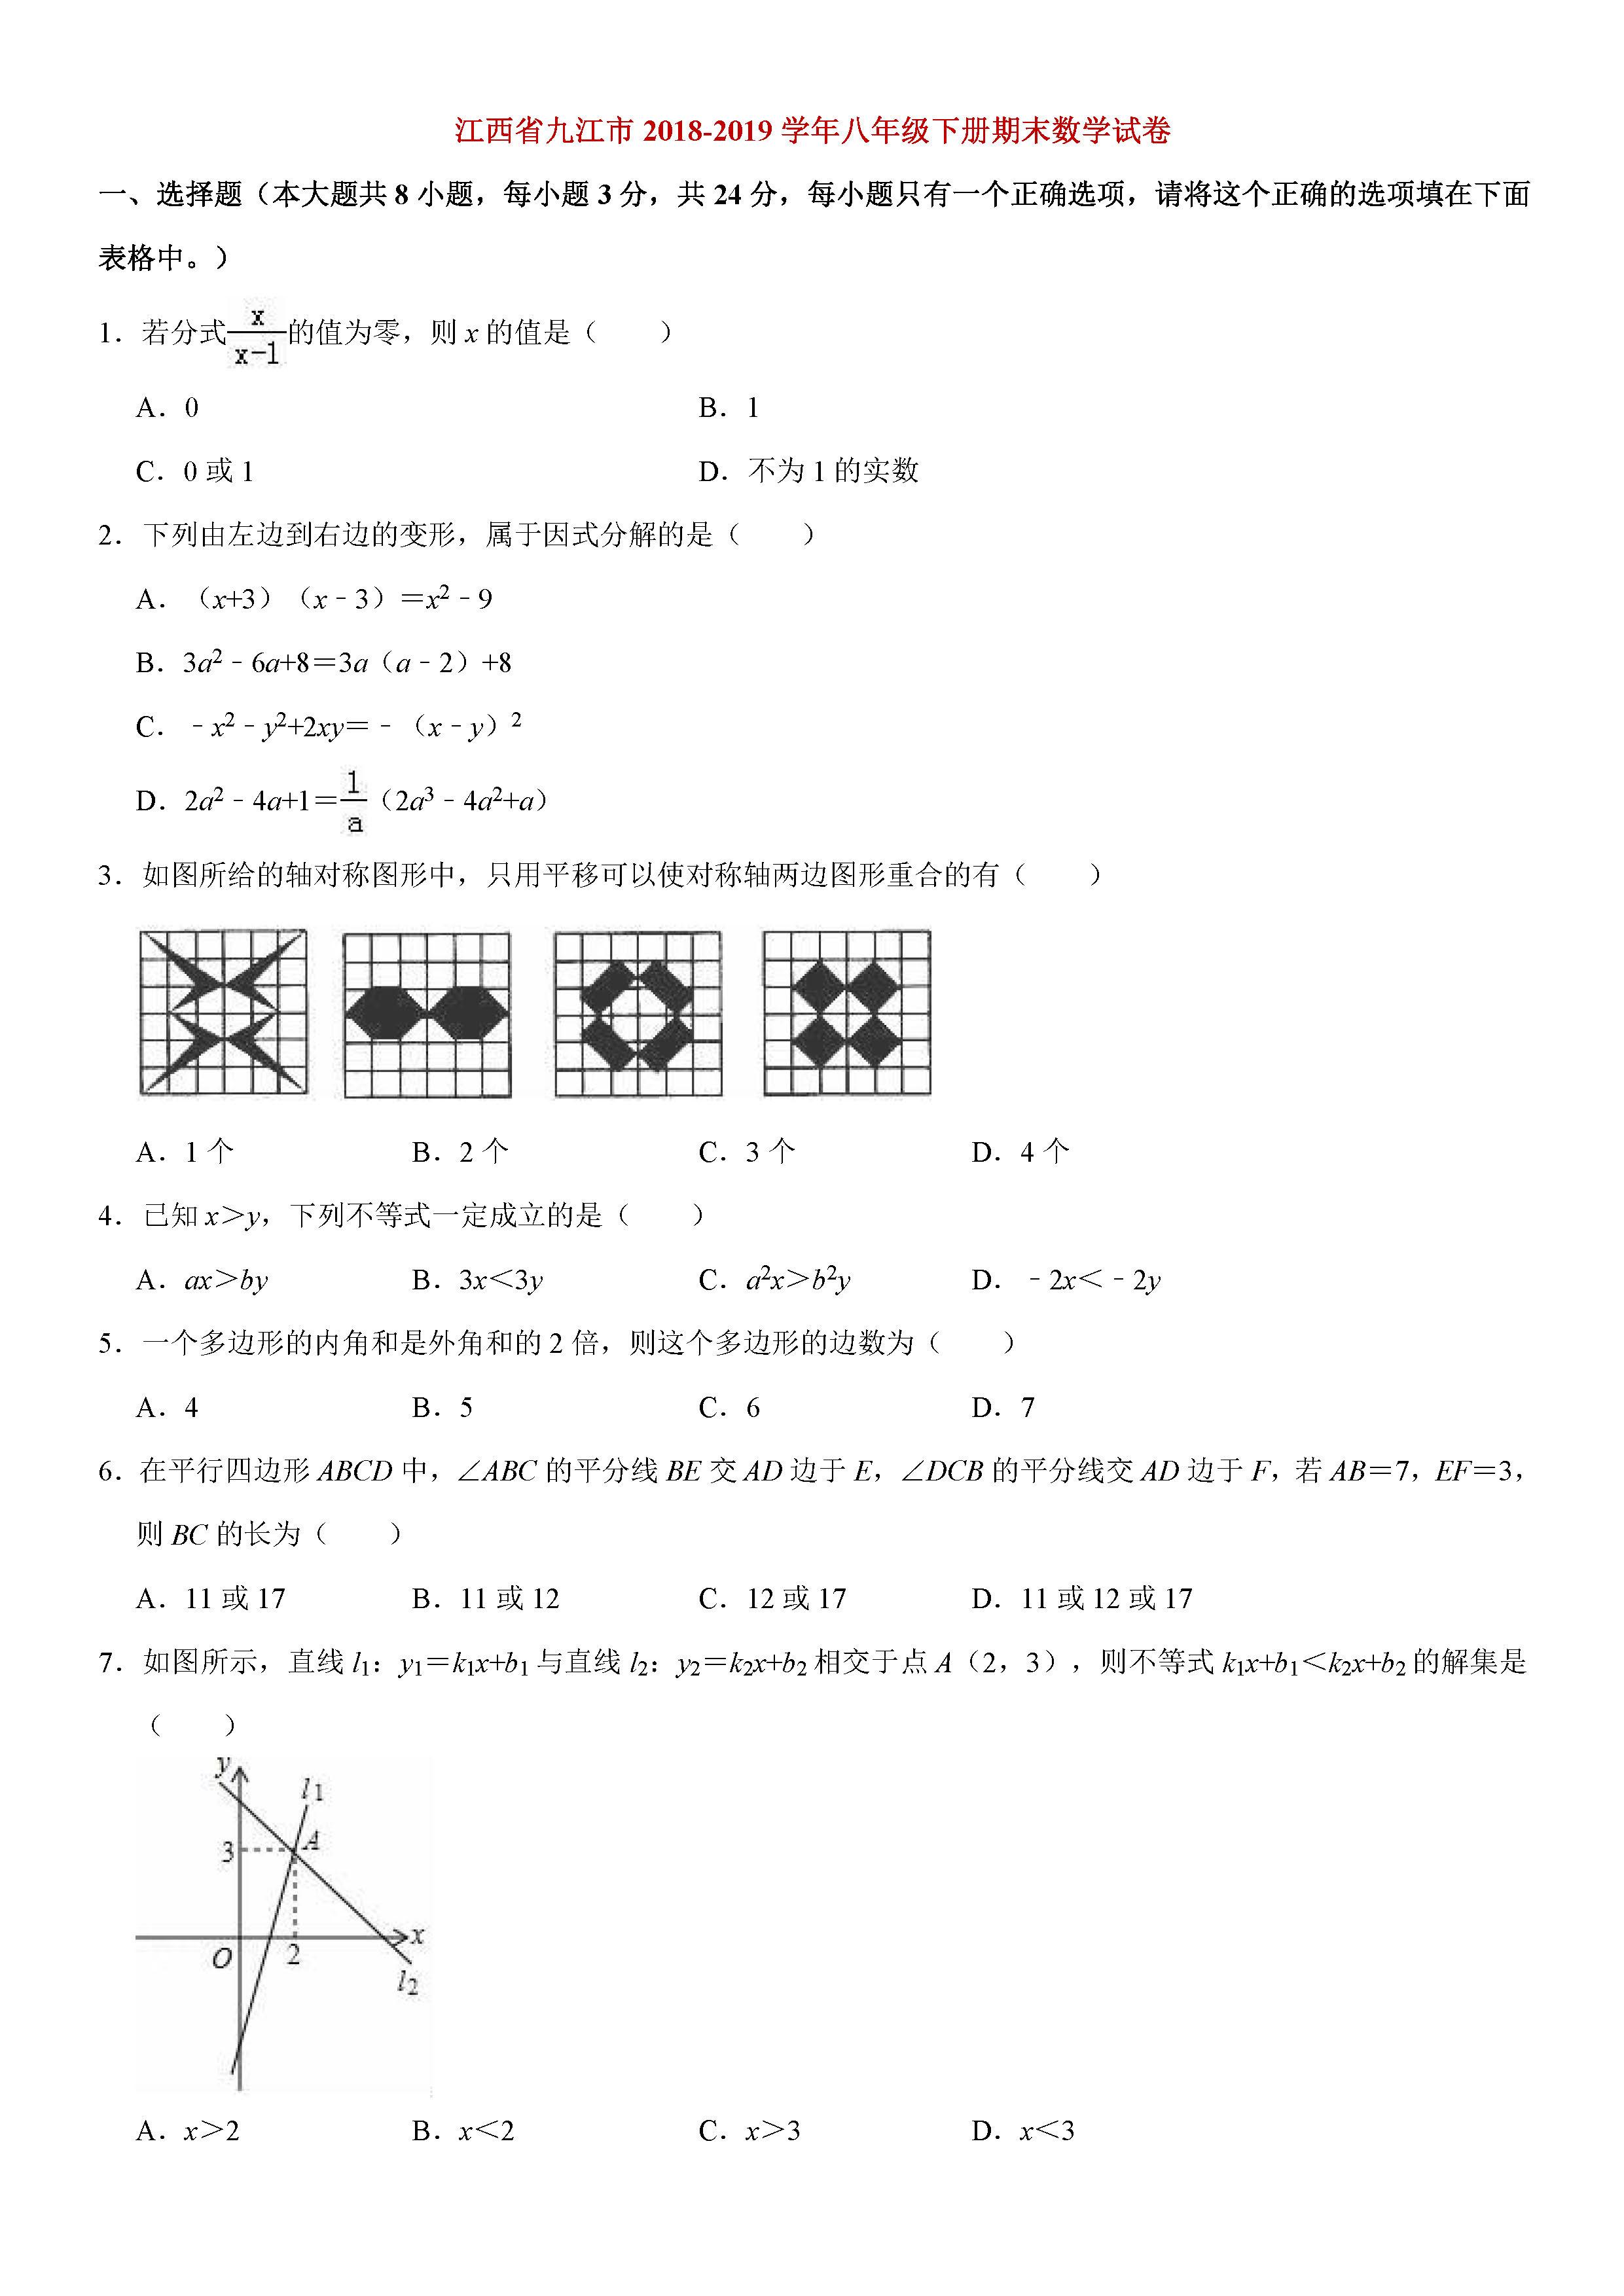 江西省九江市2018-2019八年级数学下册期末测试题含解析